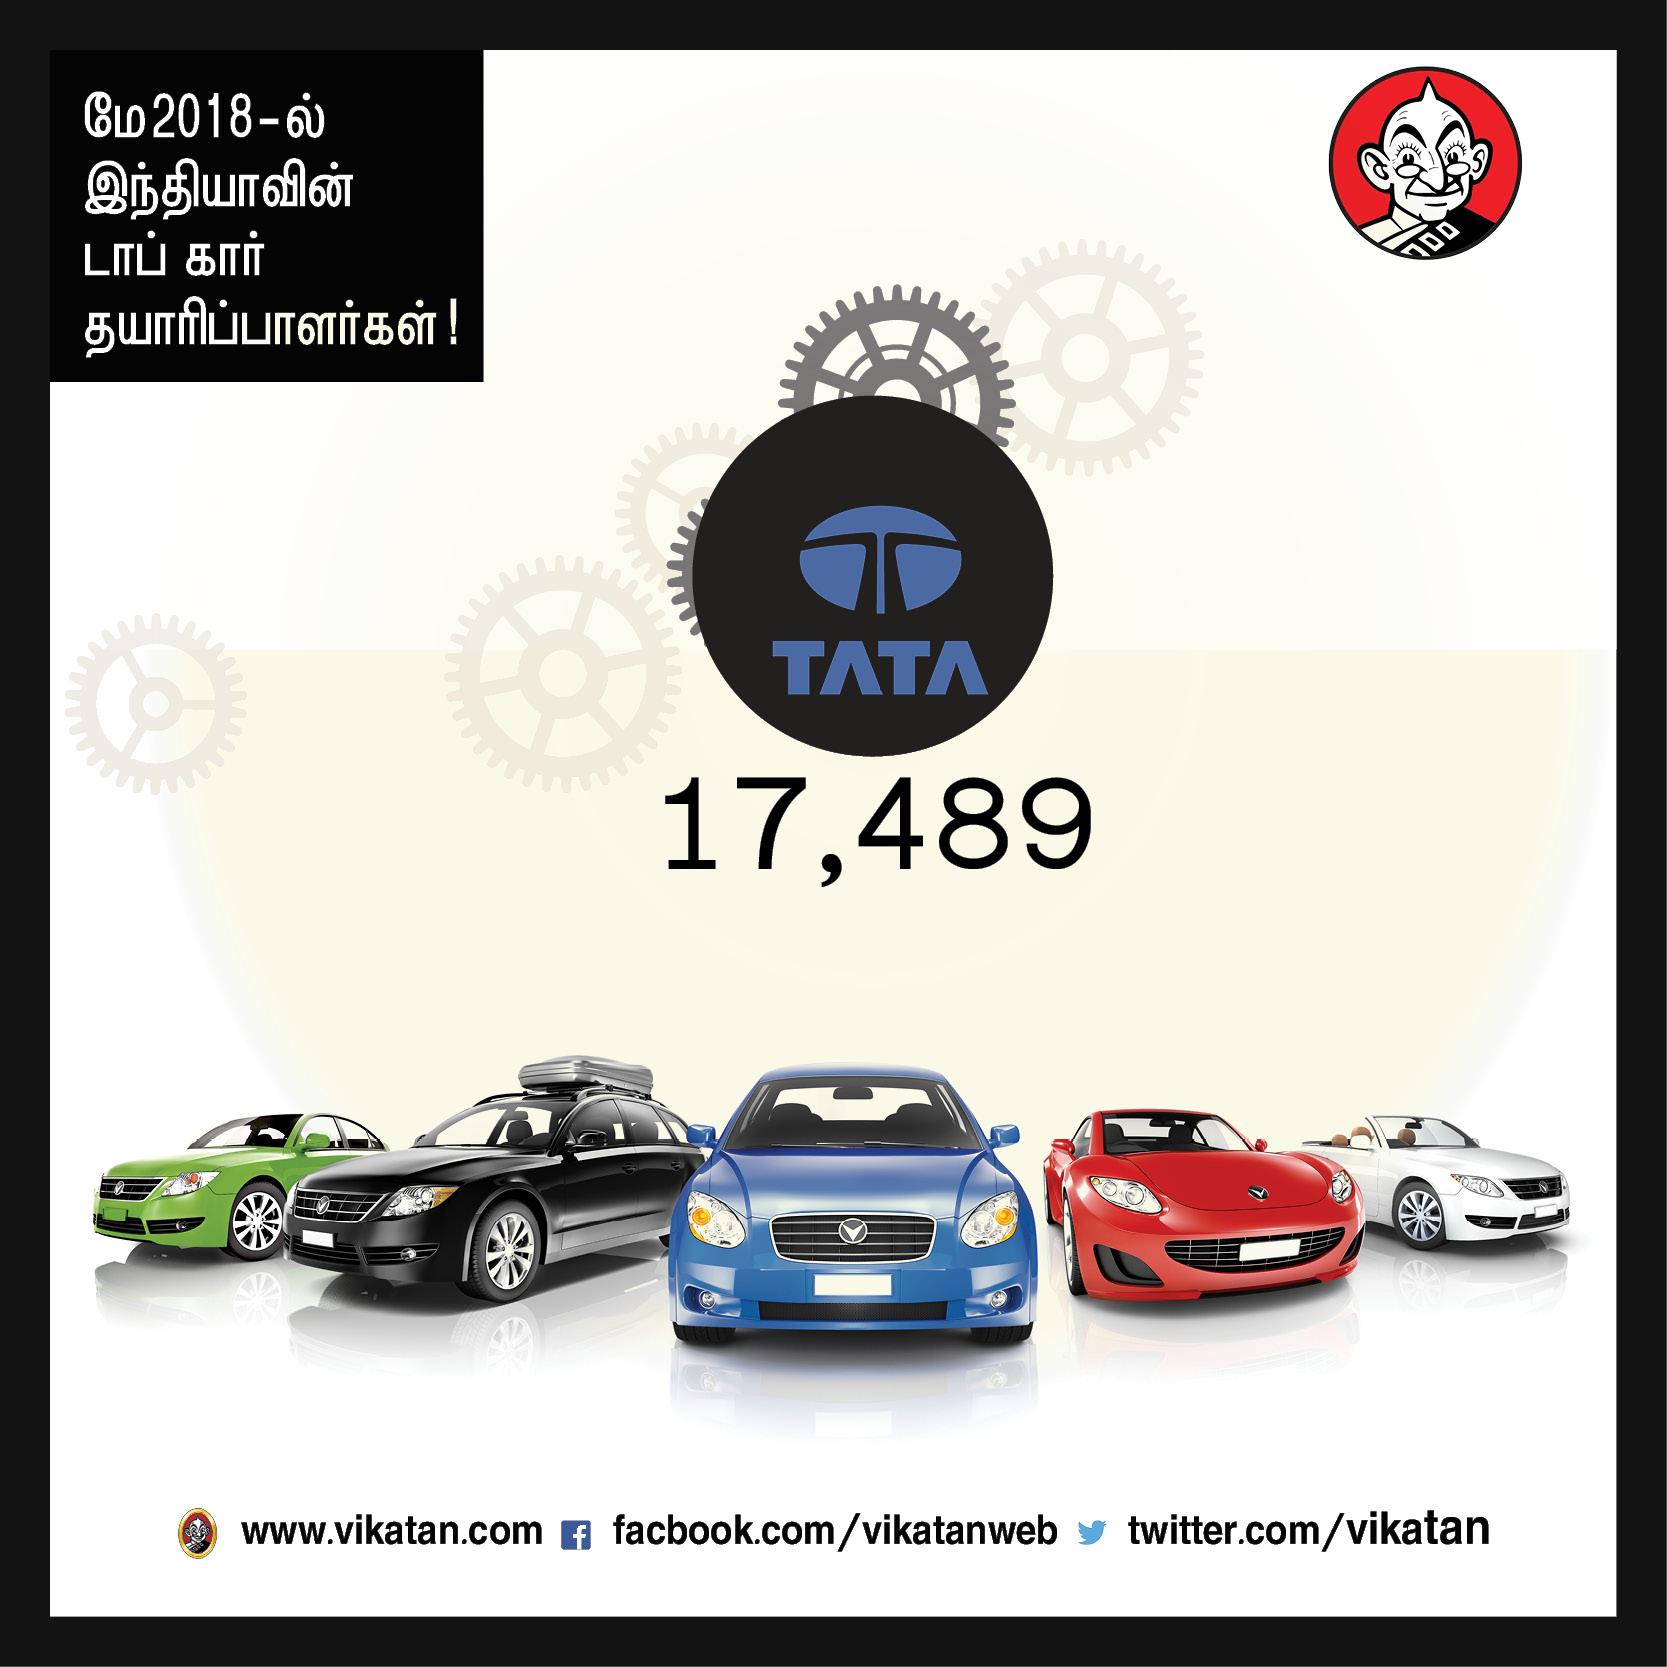 மாருதி 1,61,496... ஃபியட் 49... மே 2018-ல் நிறுவனங்கள் உற்பத்தி செய்த கார்கள்! #VikatanPhotoCards